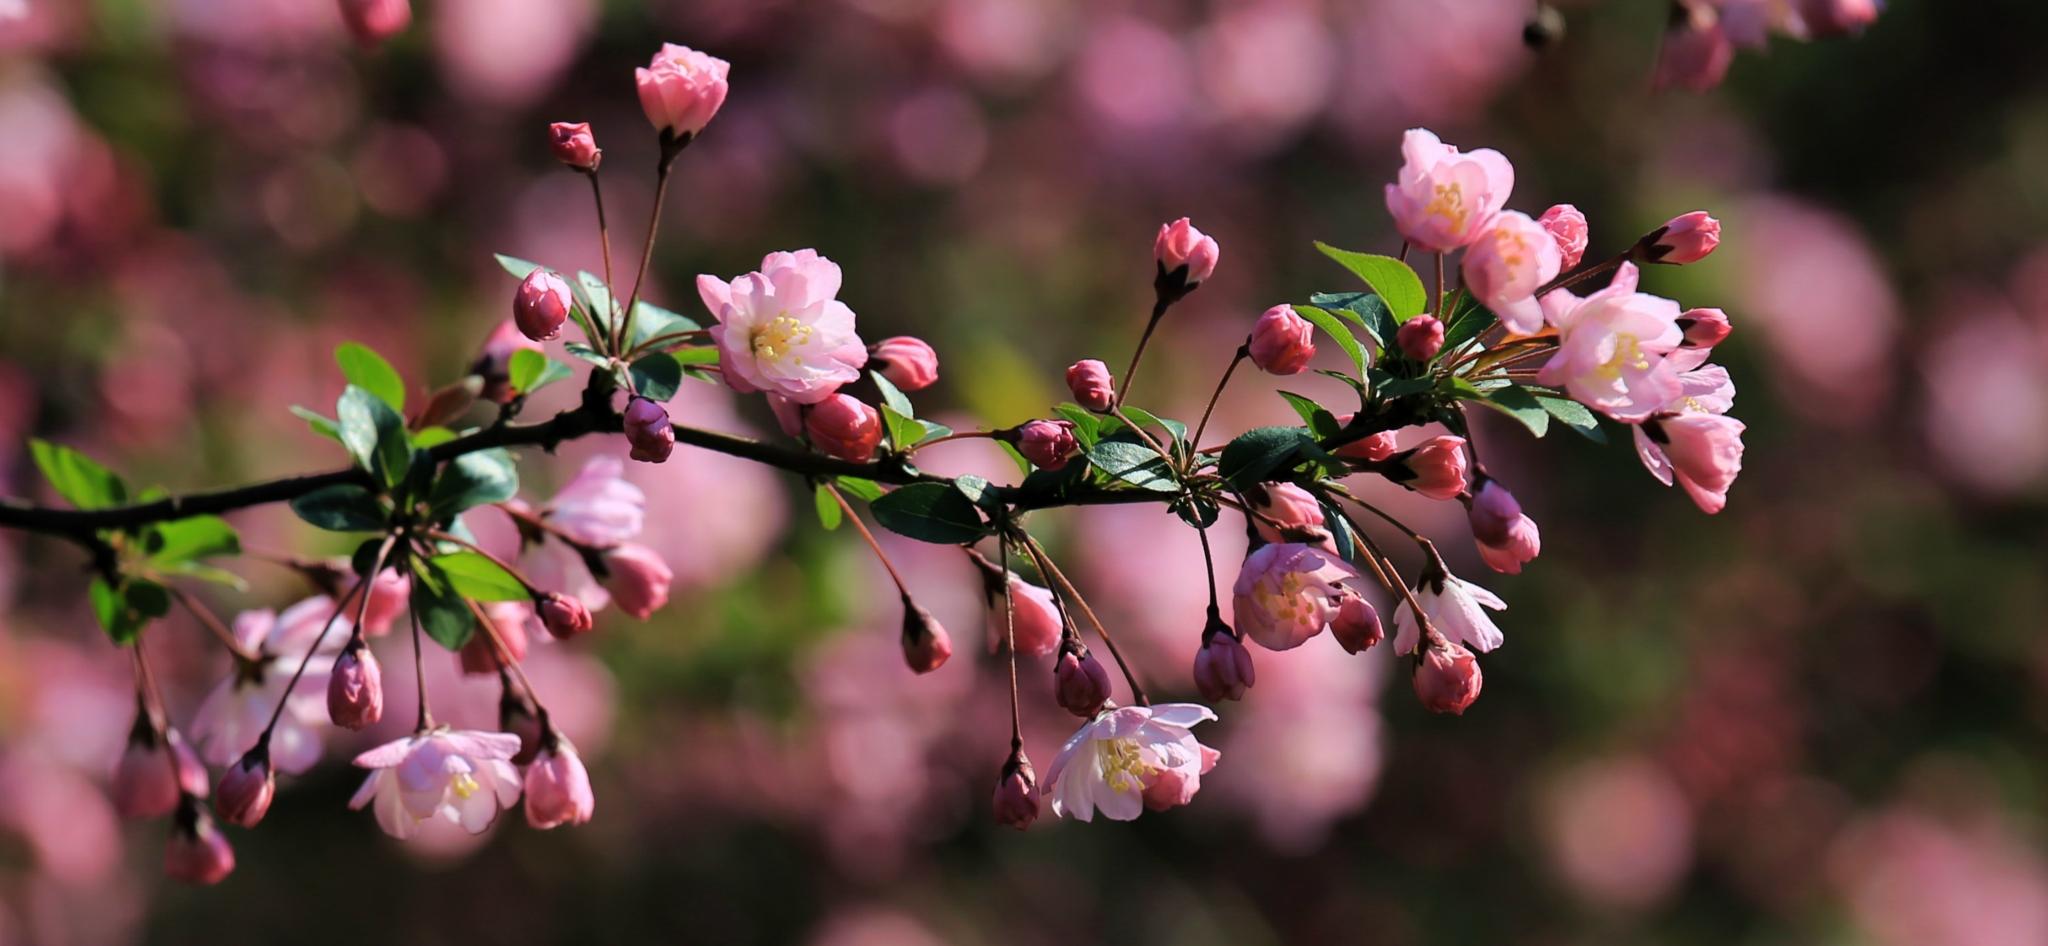 湖南优质海棠供应商,供应海棠花厂家直销,郴州海棠花基地,海棠花生产基地,海棠花经销商报价